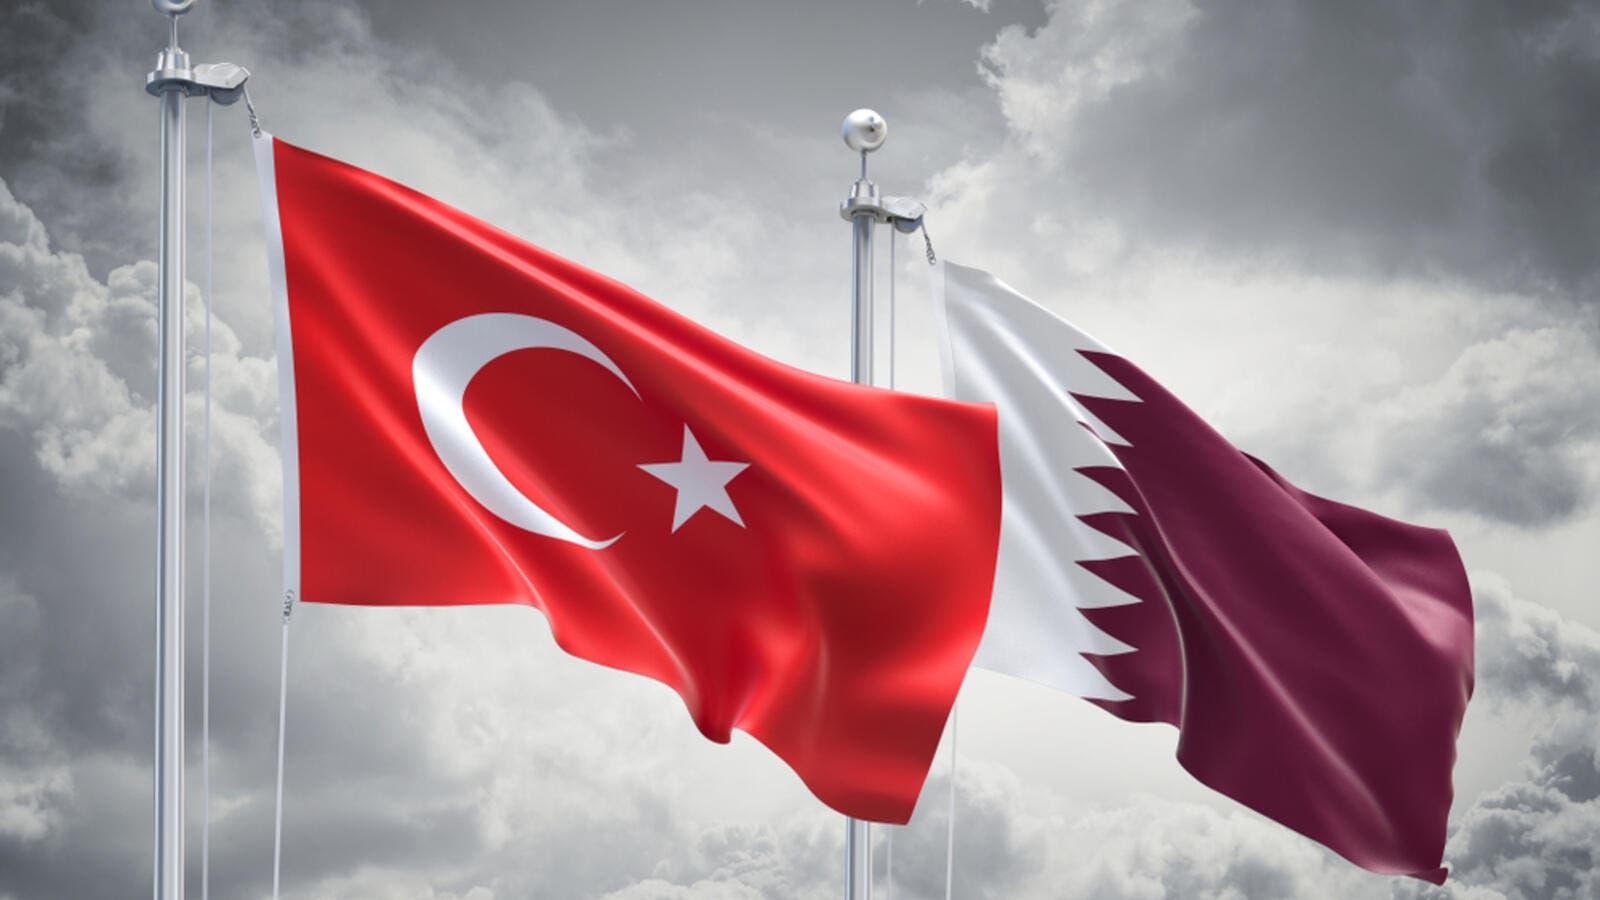 Turkey iyo Qatar oo dagaalka LIBYA 'u adeegsanaya' dhallinyaro Soomaali ah